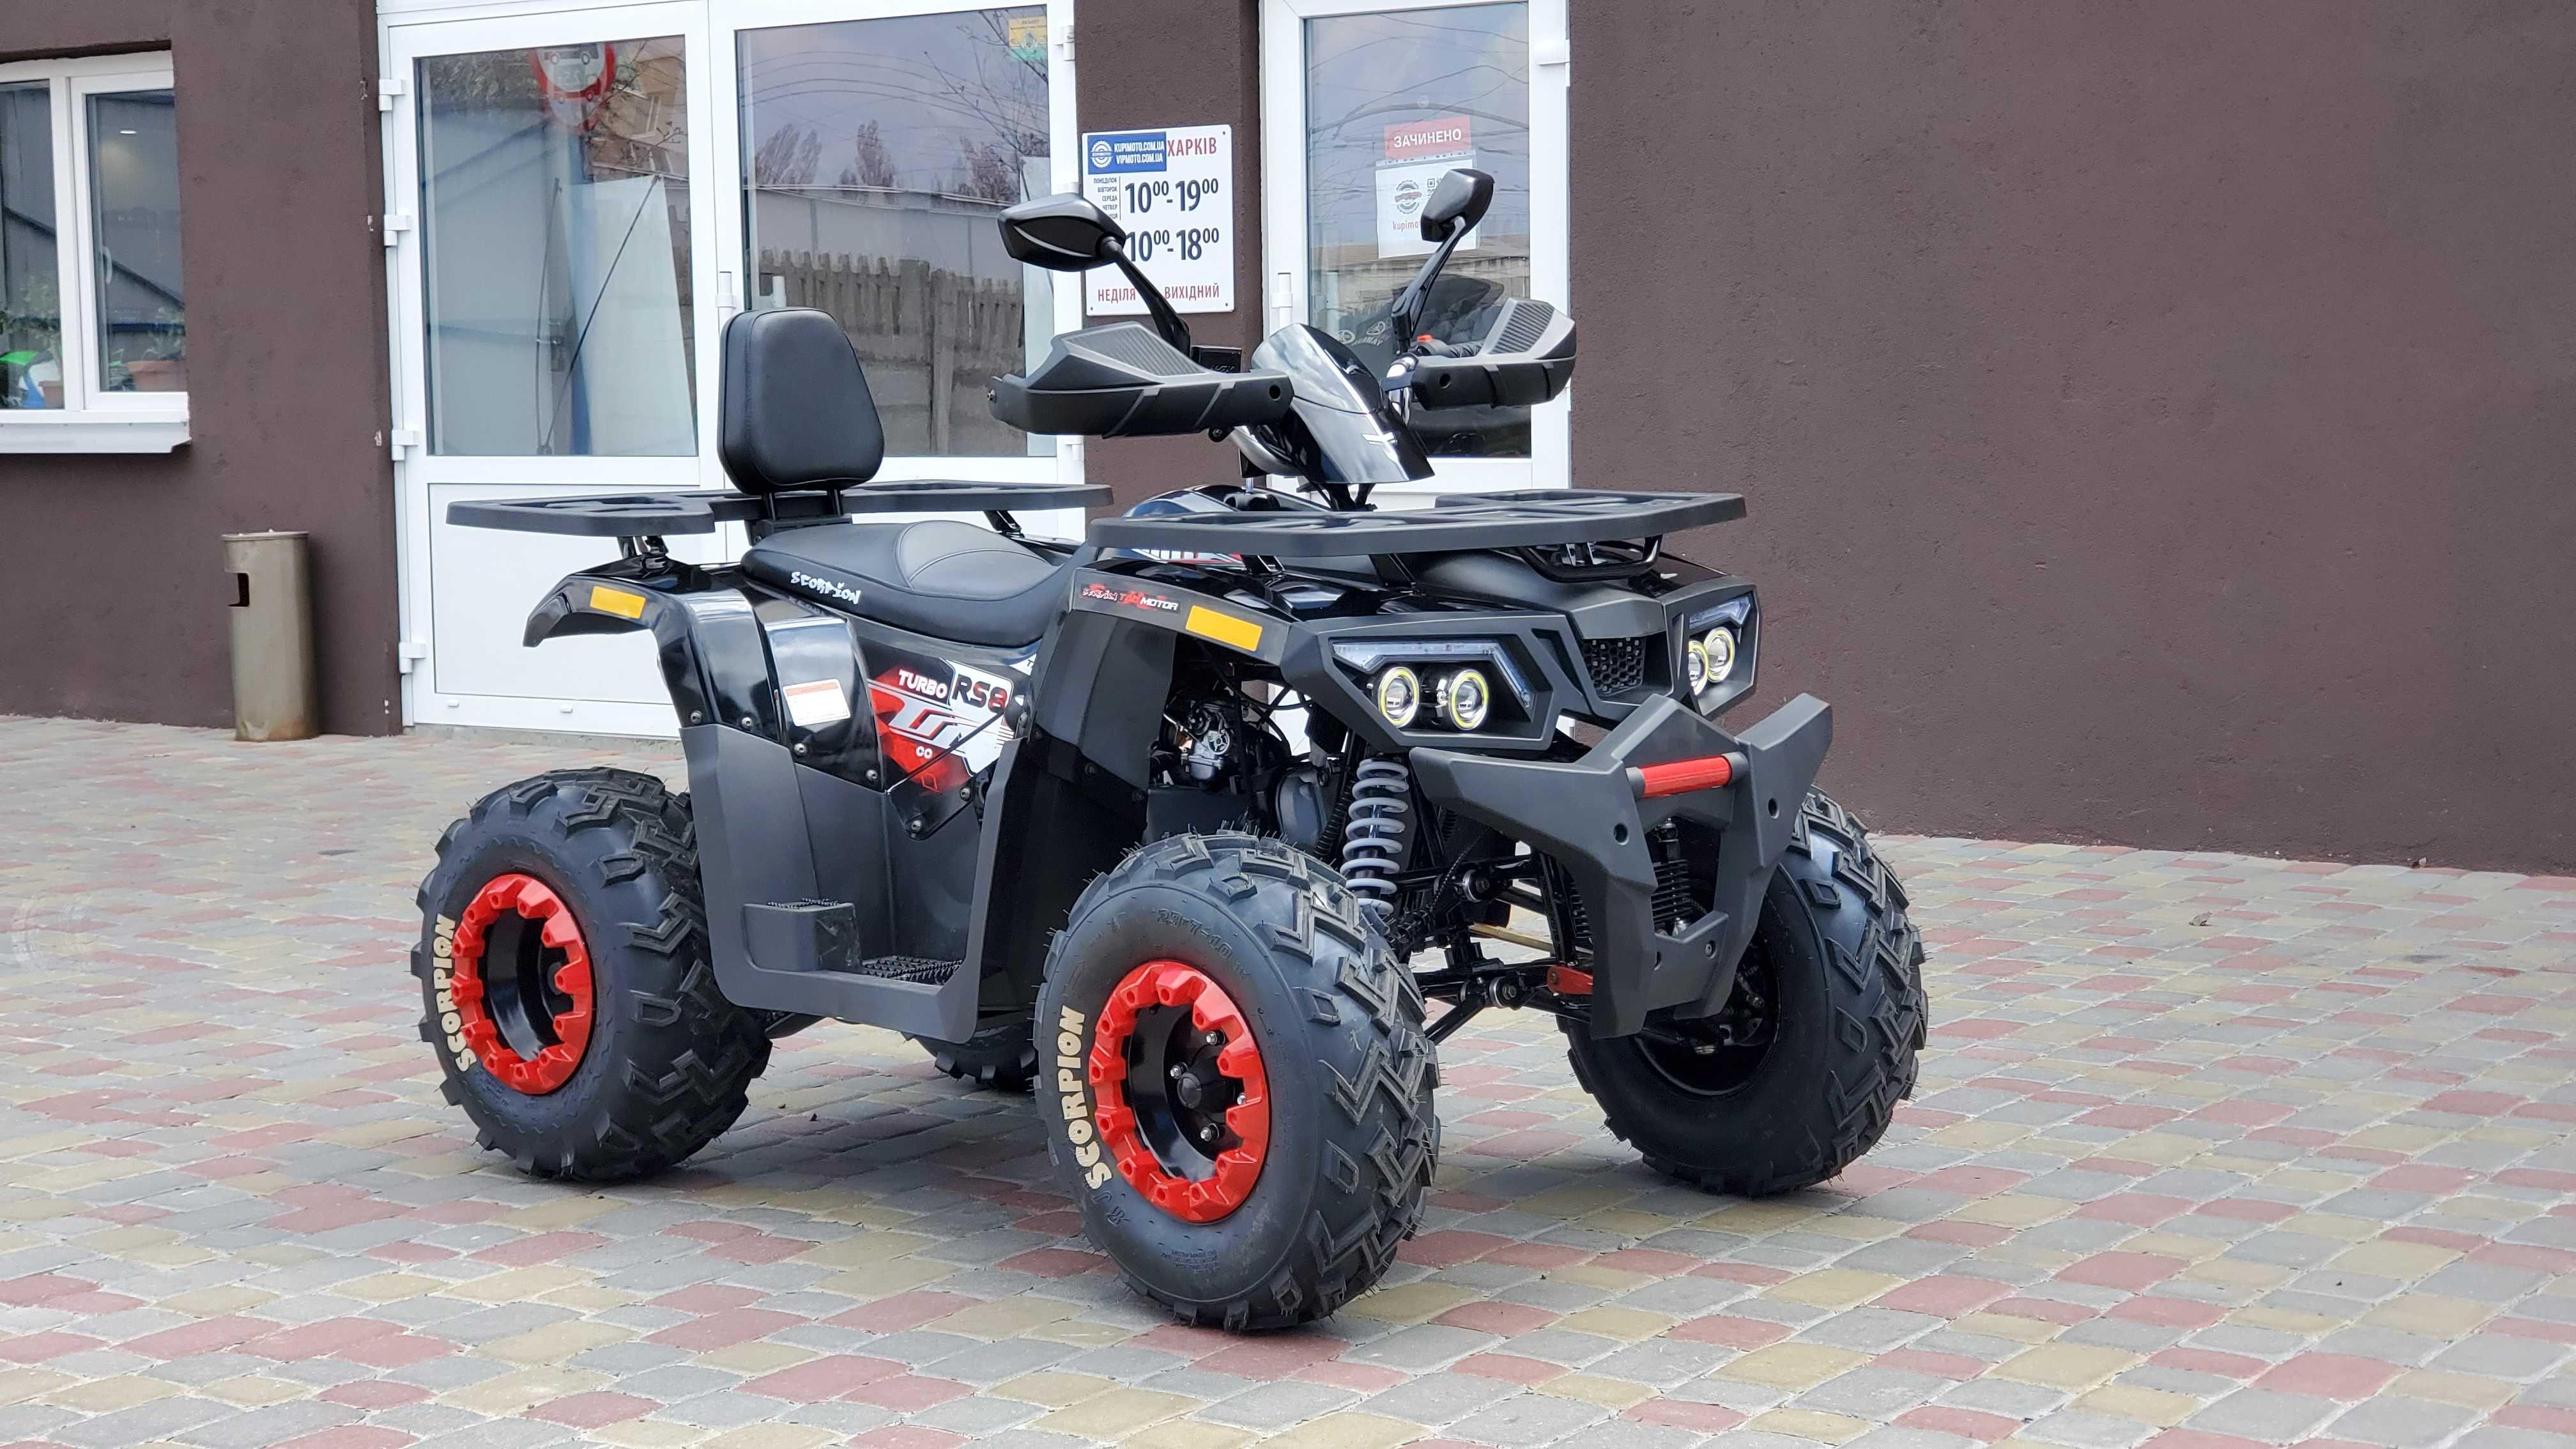 Квадроцикл Comman Scorpion 200, квадрик ,скорпион 200 , ATV200